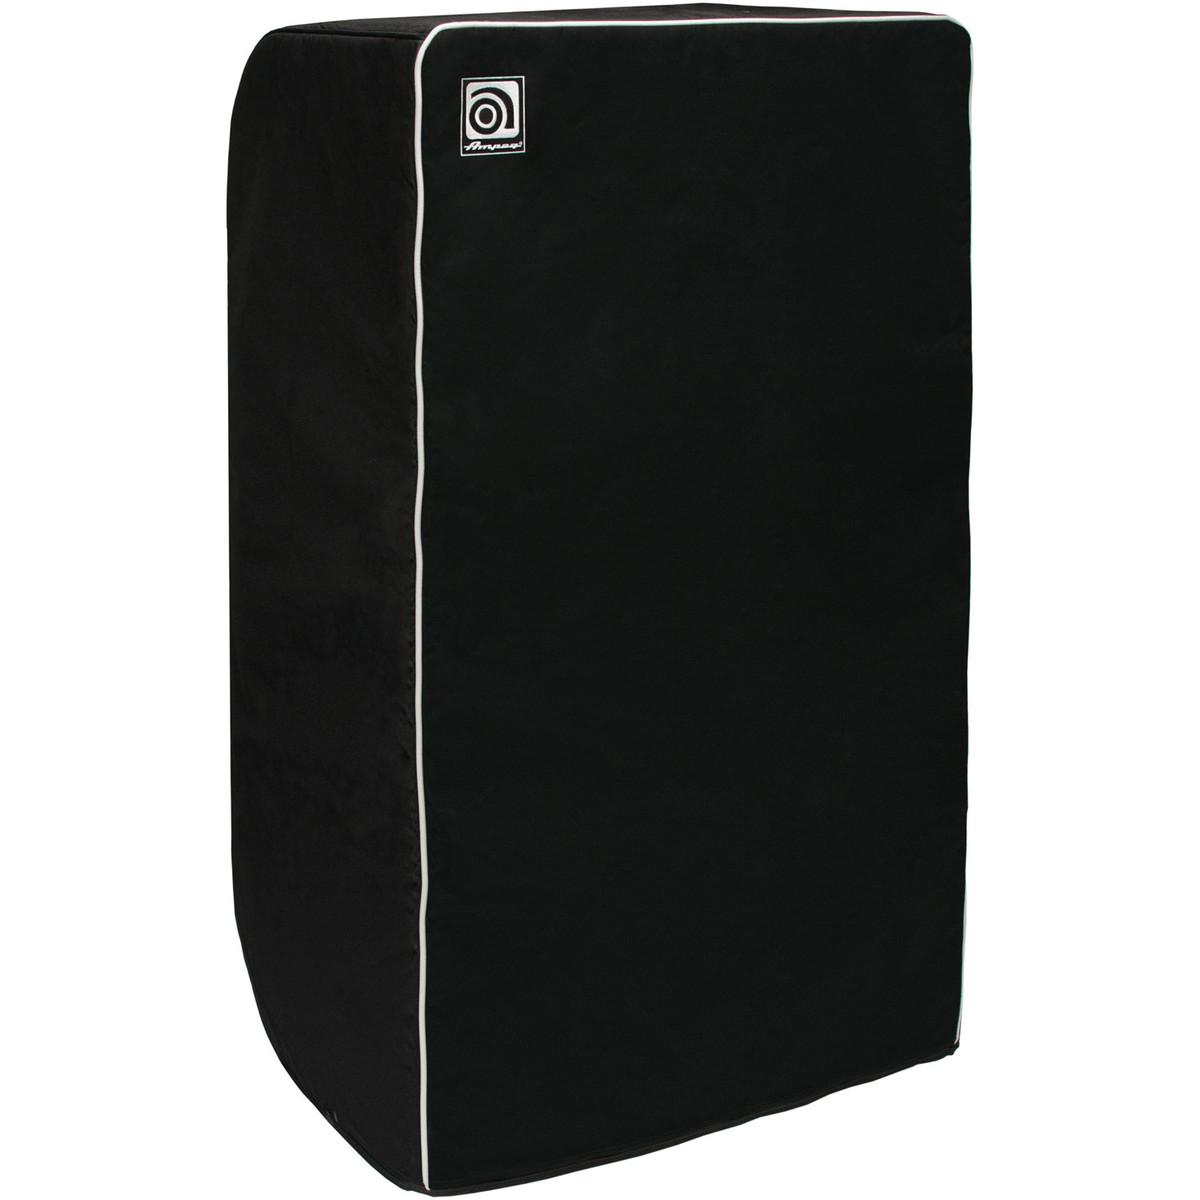 Ampeg Svt 810 Speaker Cabinet Cover